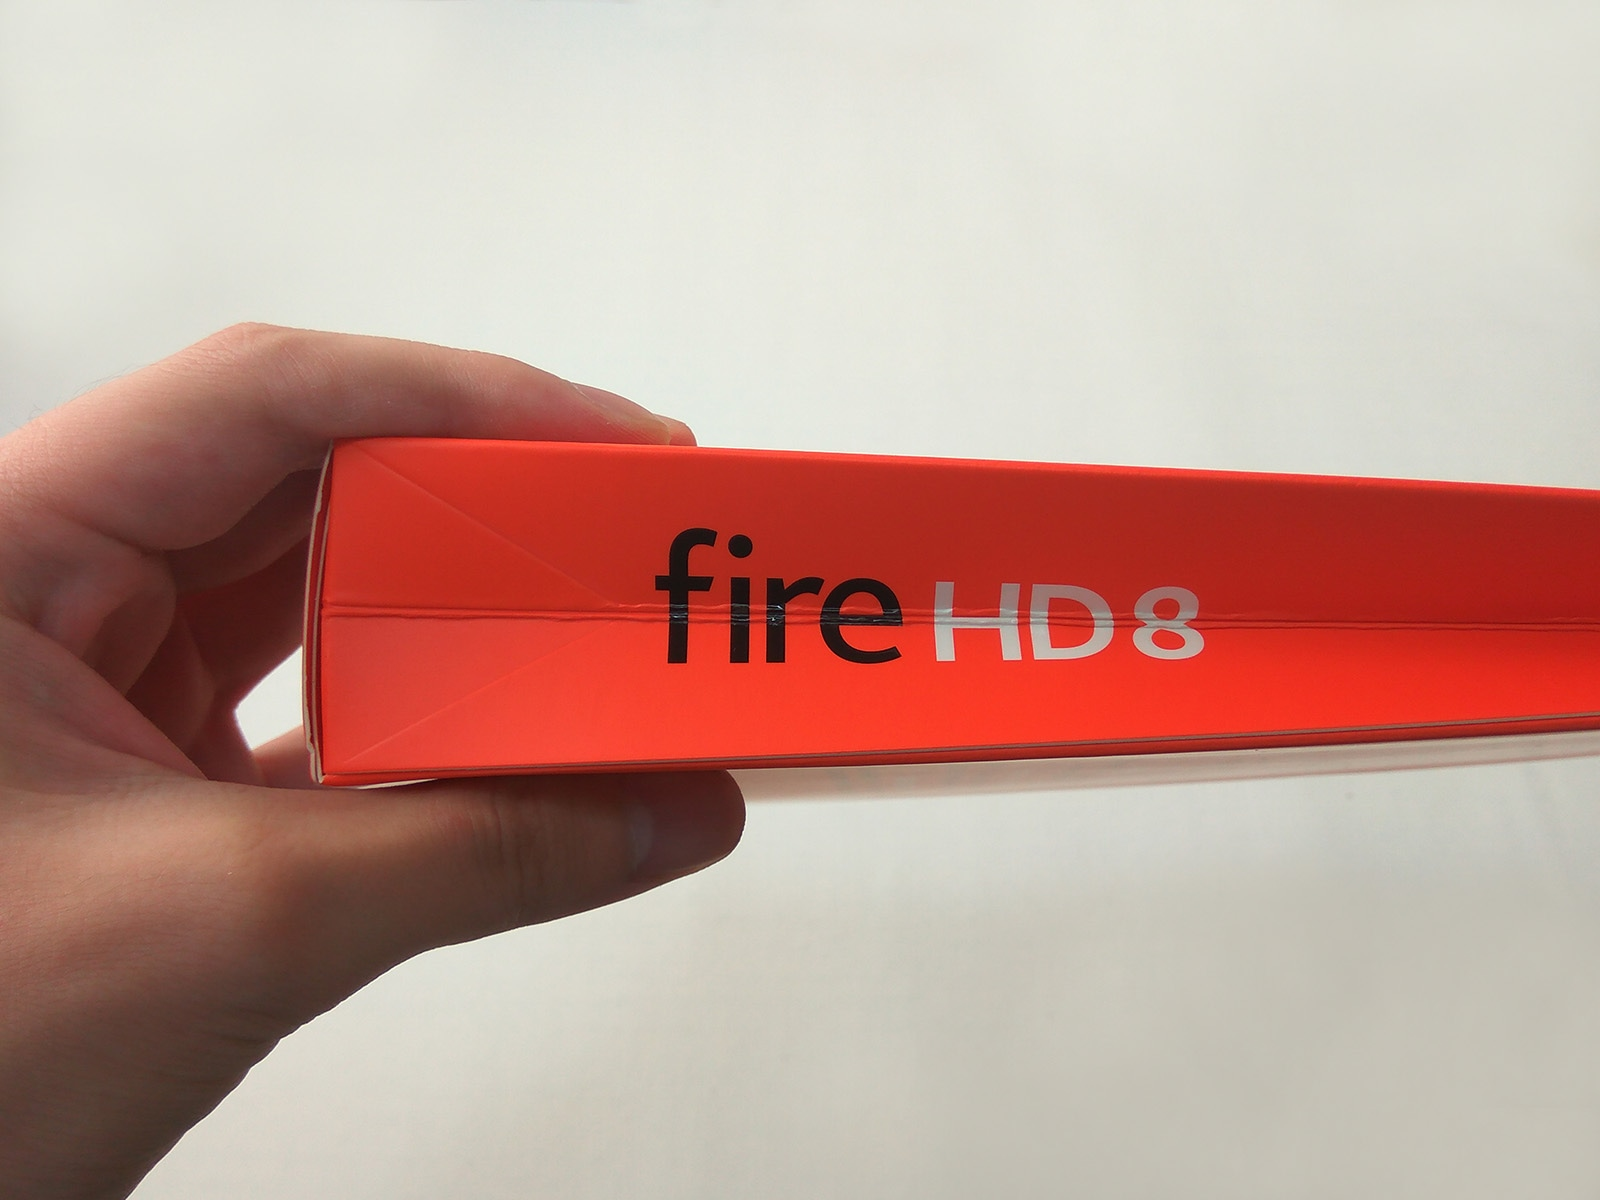 Fire HD 8 パッケージ側面ロゴ